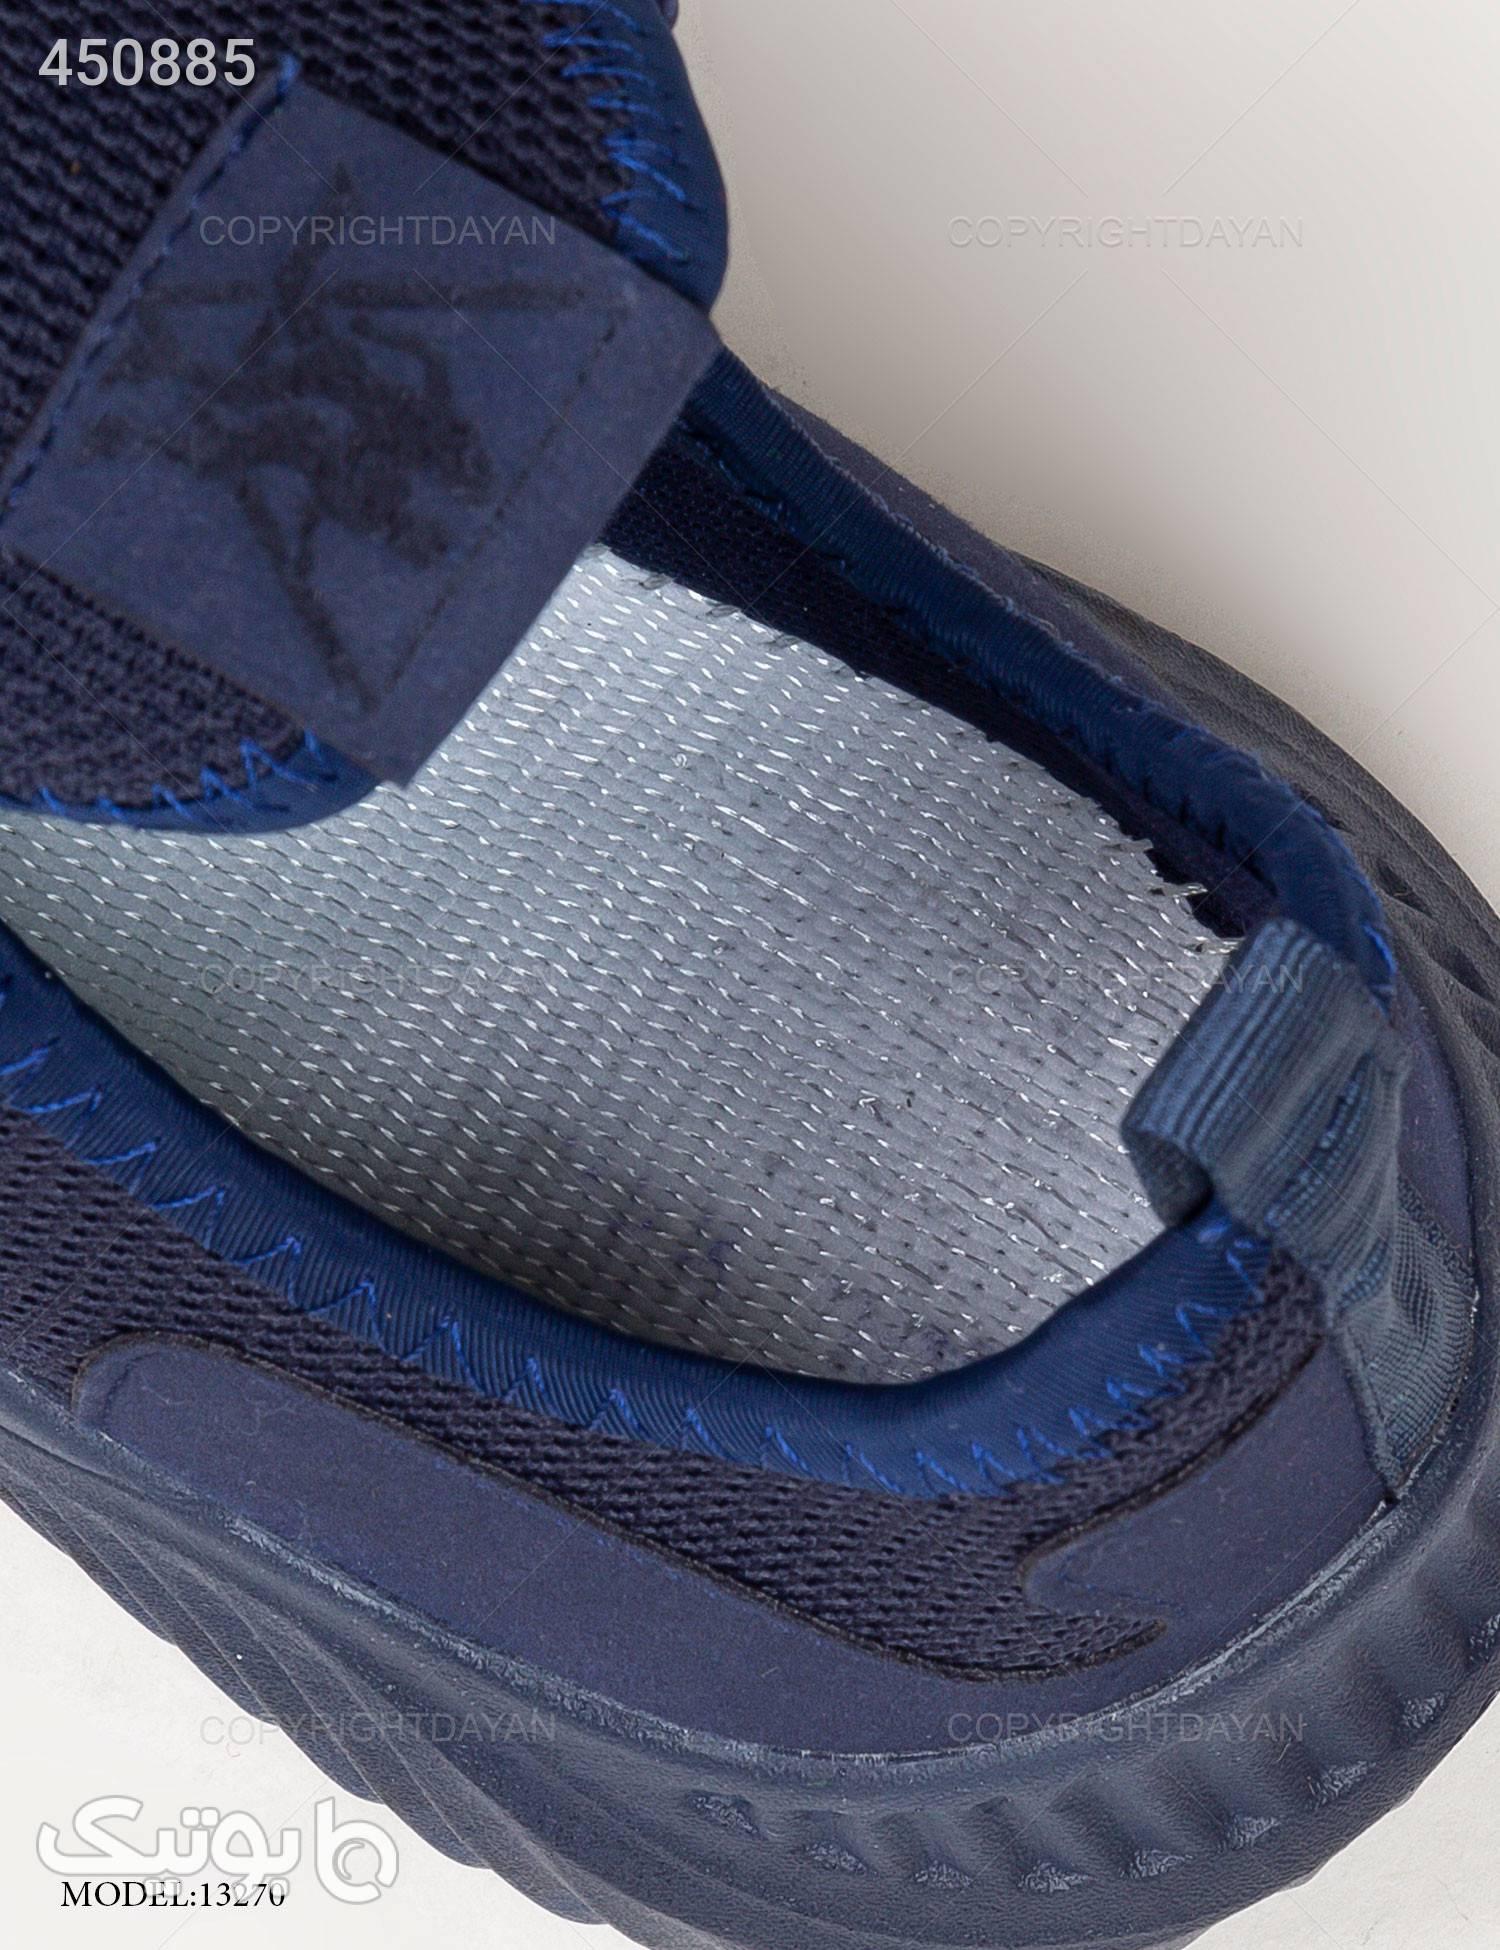 کفش مردانه Denver مدل 13270 سورمه ای كتانی مردانه